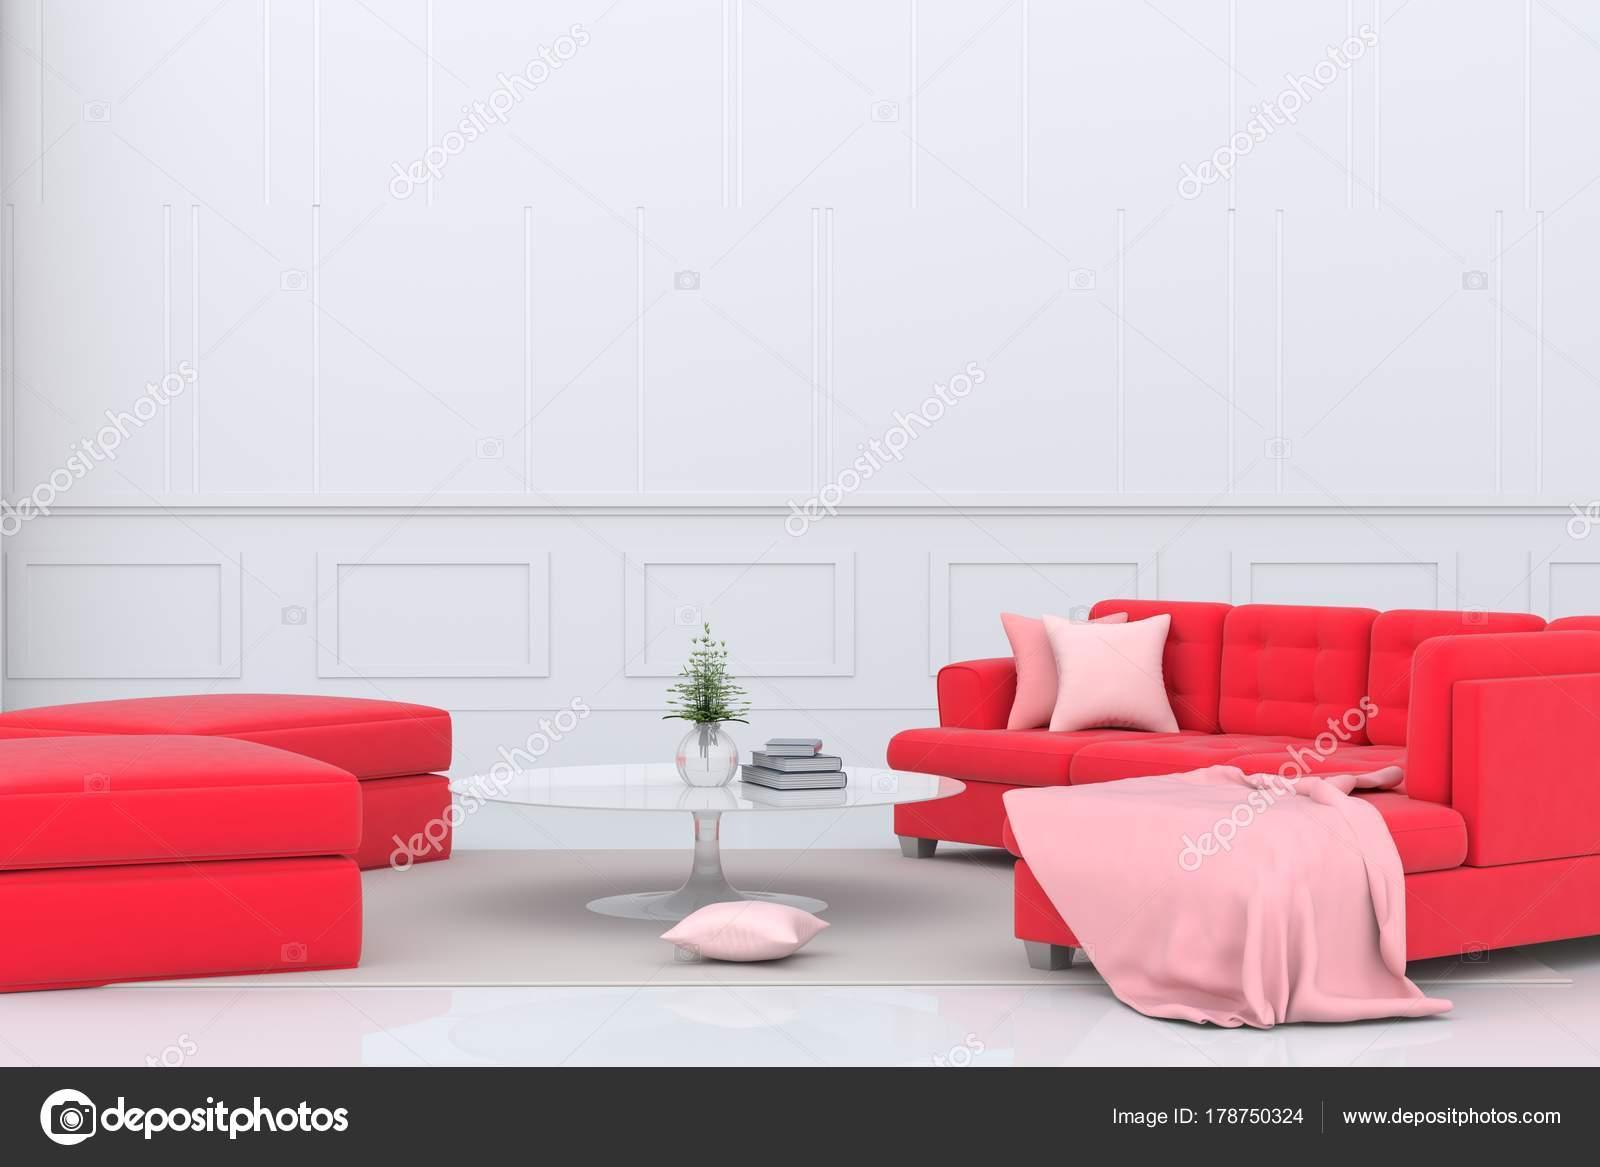 Decoration Salon Avec Canap Rouge Interesting Canap Futon